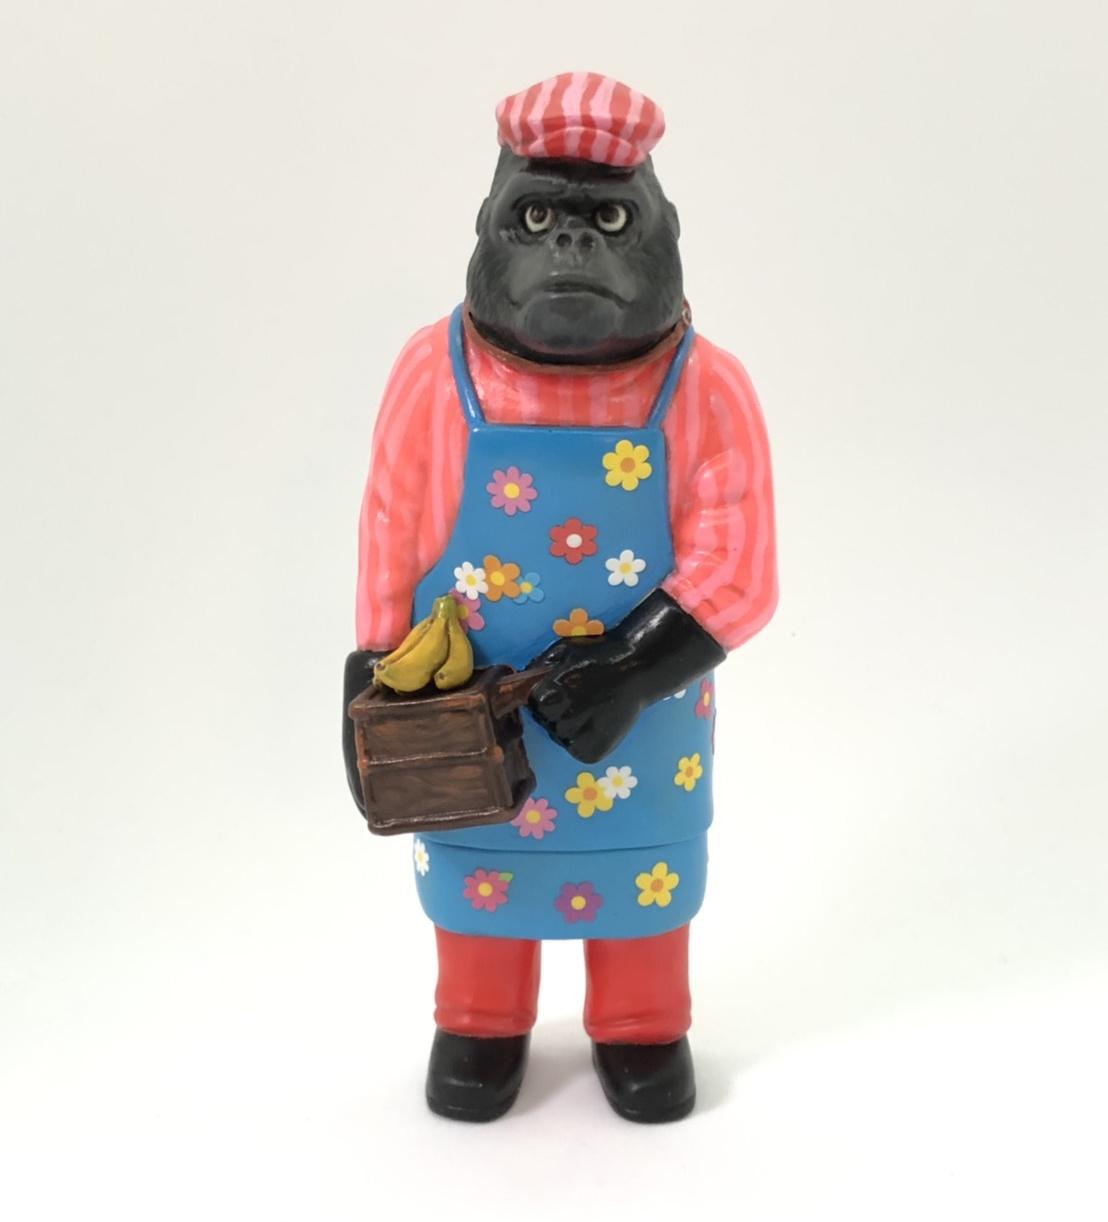 Sofubi-man Custom Show Pico Pico Bananas Ape